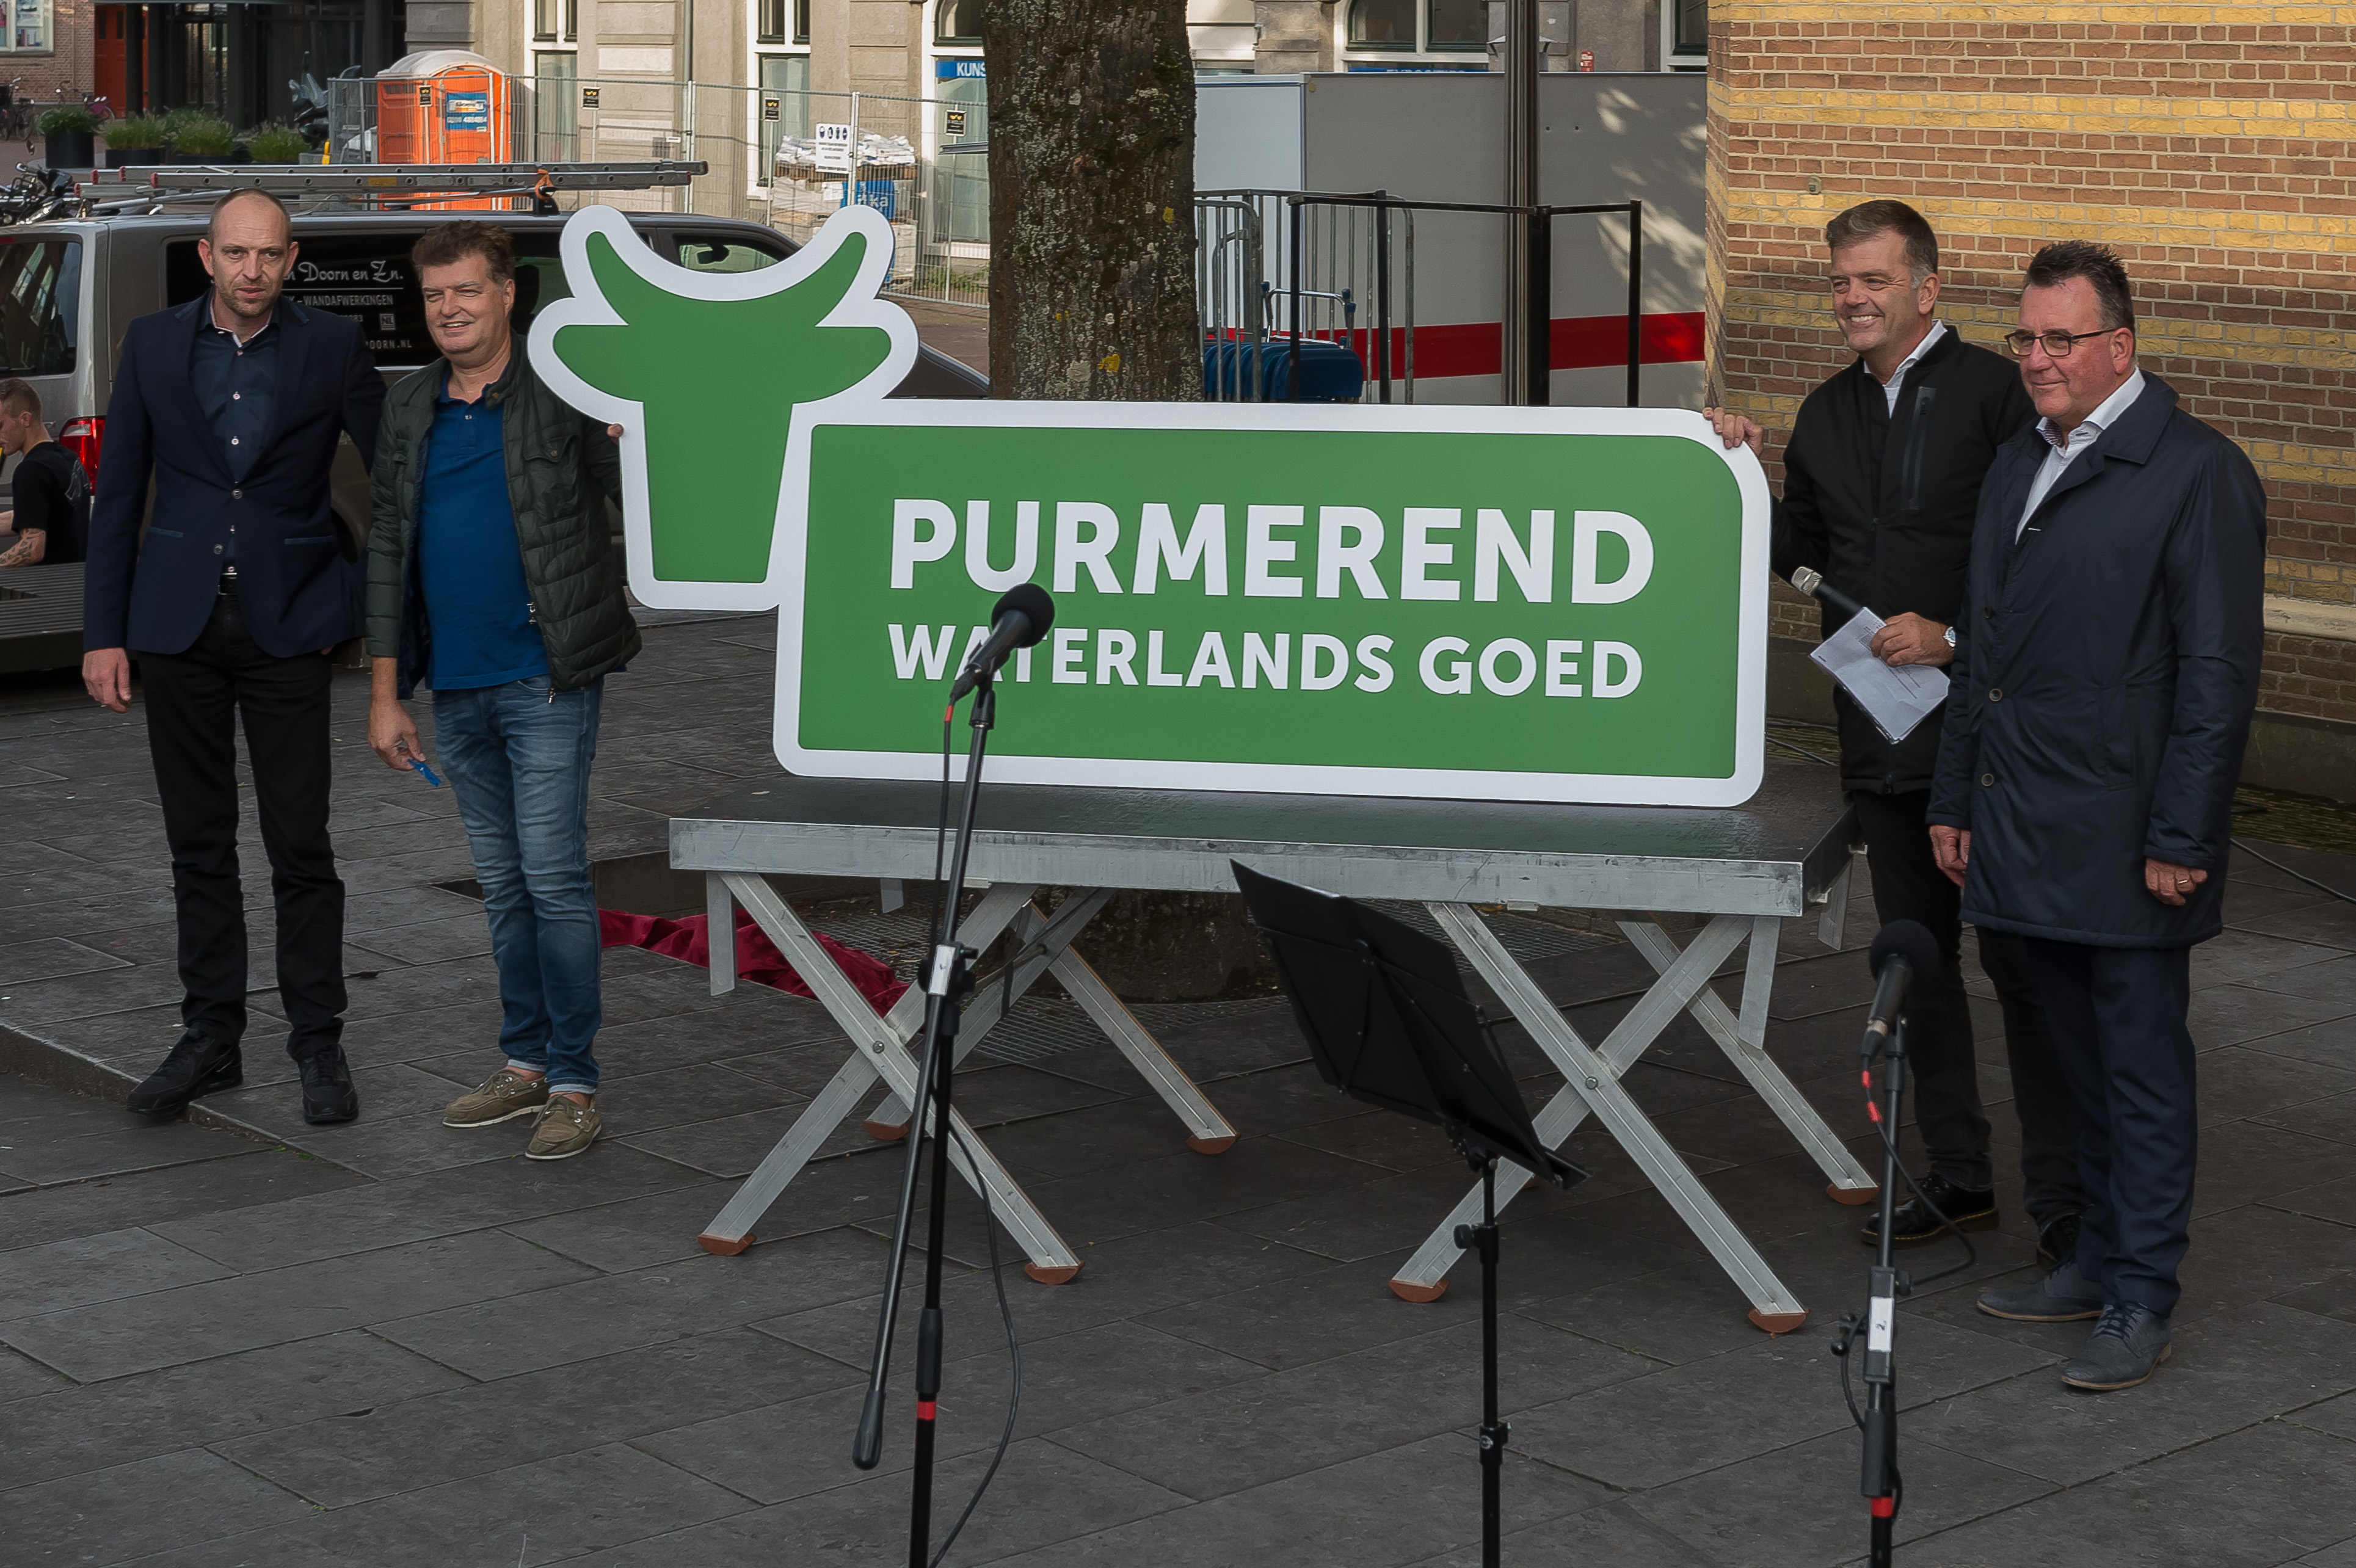 Volgens de initiatiefnemers van citymarketing gebeurt er al heel veel in Purmerend. Zoals destijds het muziekfeest van de Tros met onder andere Jan Smit. Een barstensvolle Koemarkt was hier getuige van. (Foto: Han Giskes)  rodi.nl © rodi